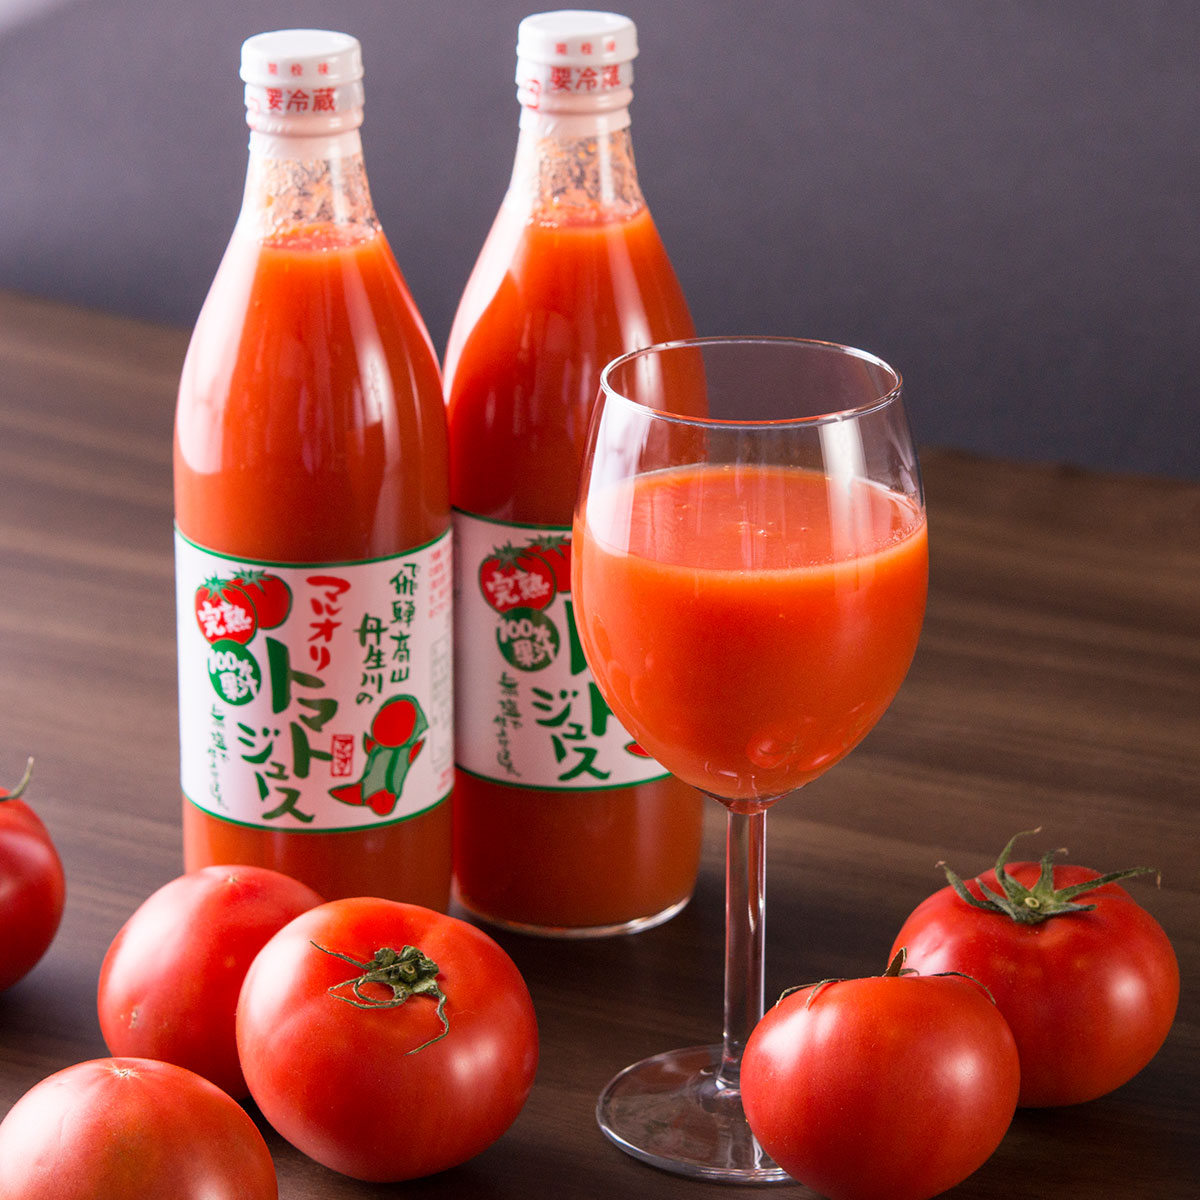 無添加 無塩 100%果汁 山丹生川の完熟桃太郎トマトジュース 12本入りセット〔500ml×12〕